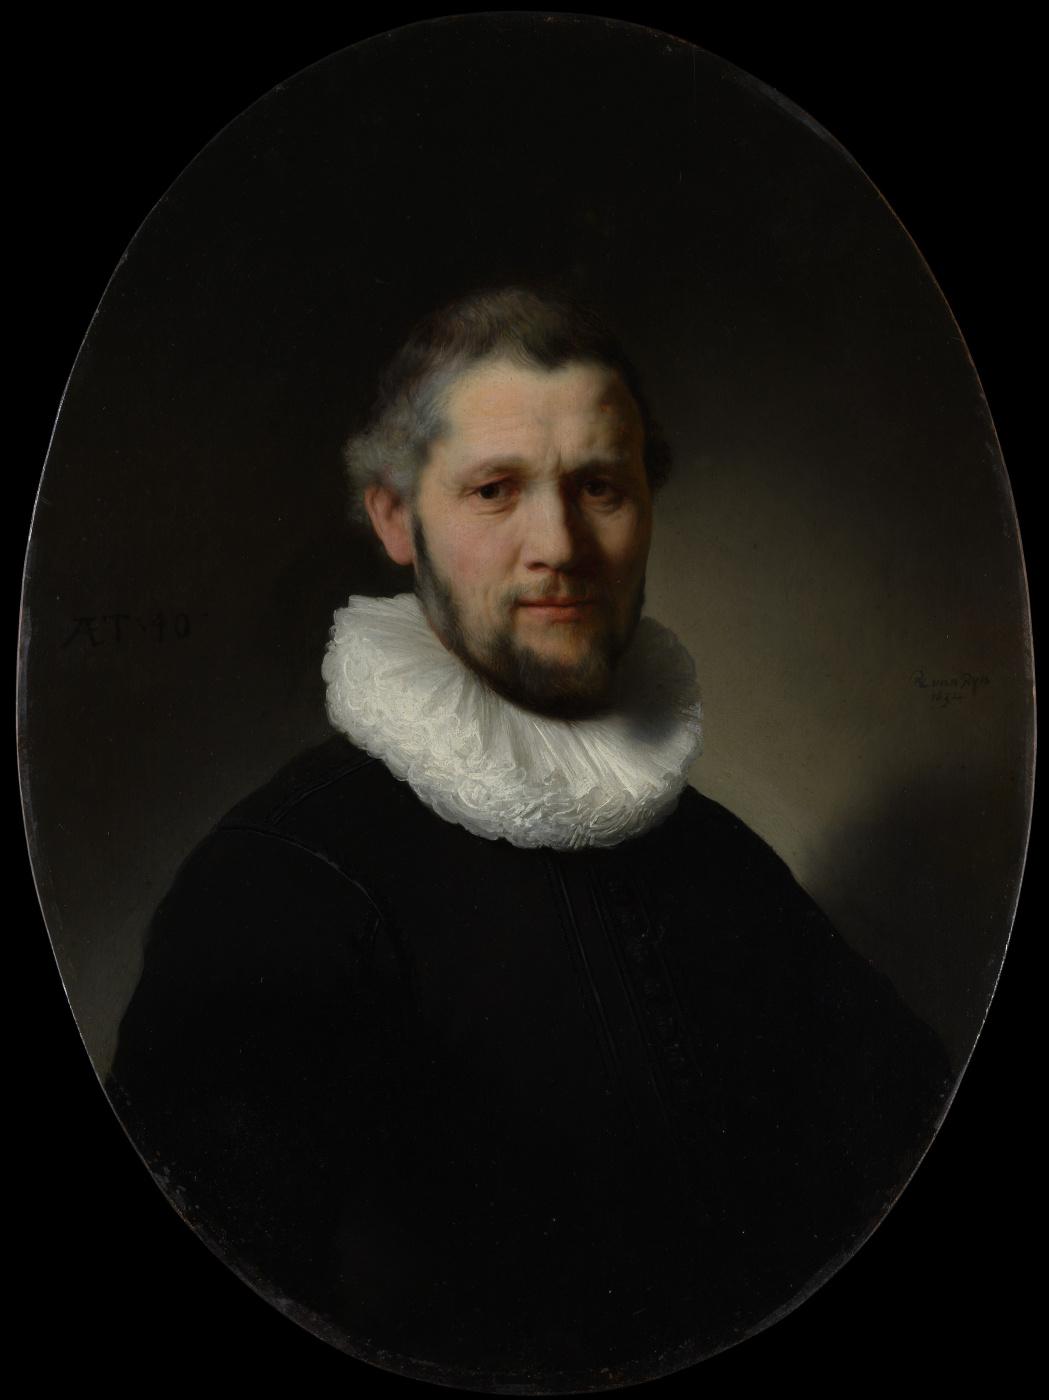 Rembrandt Harmenszoon van Rijn. Portrait of a Man